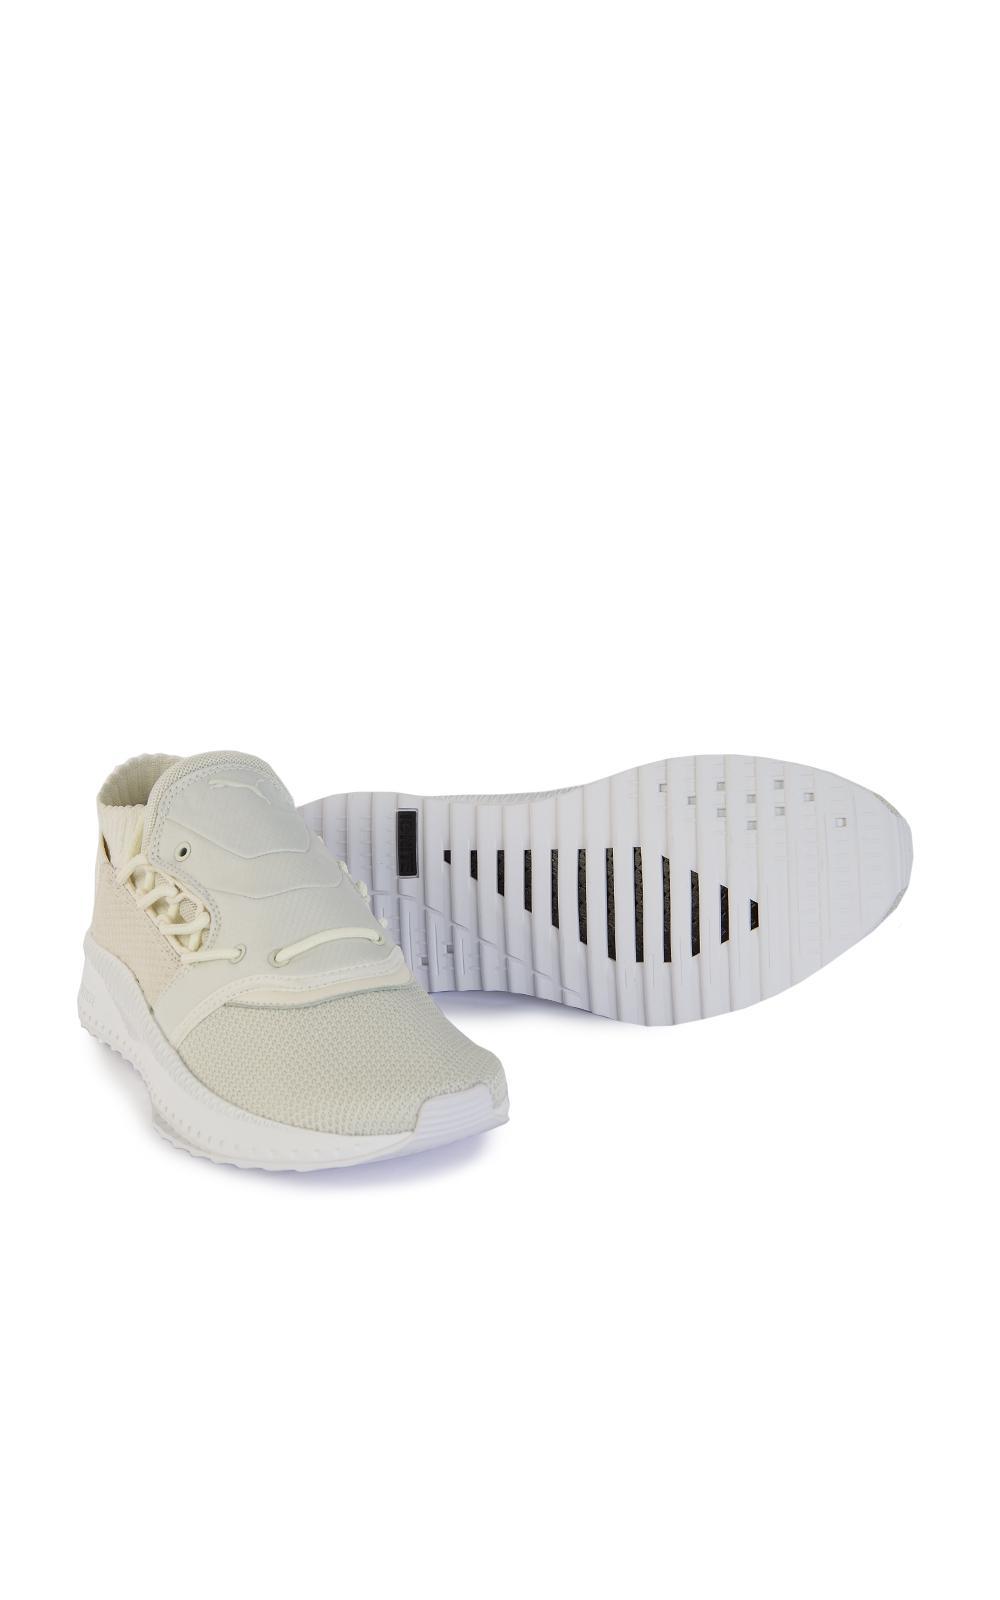 eb288a493c11 Lyst - PUMA Tsugi Shinsei Raw Marshmallow white in White for Men